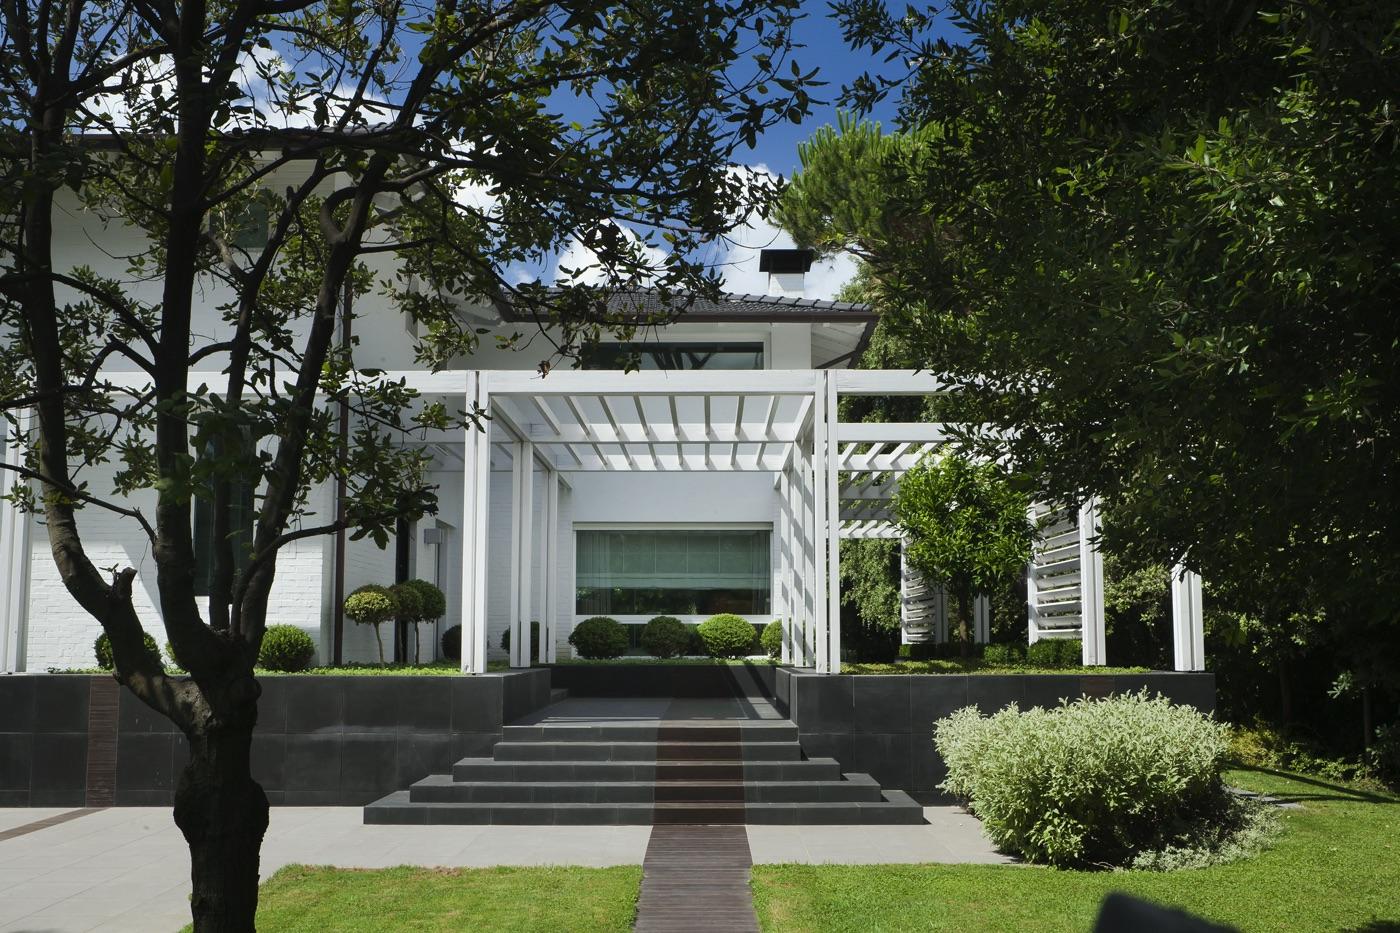 ingresso minimalista e squadrato di una villa con giardino